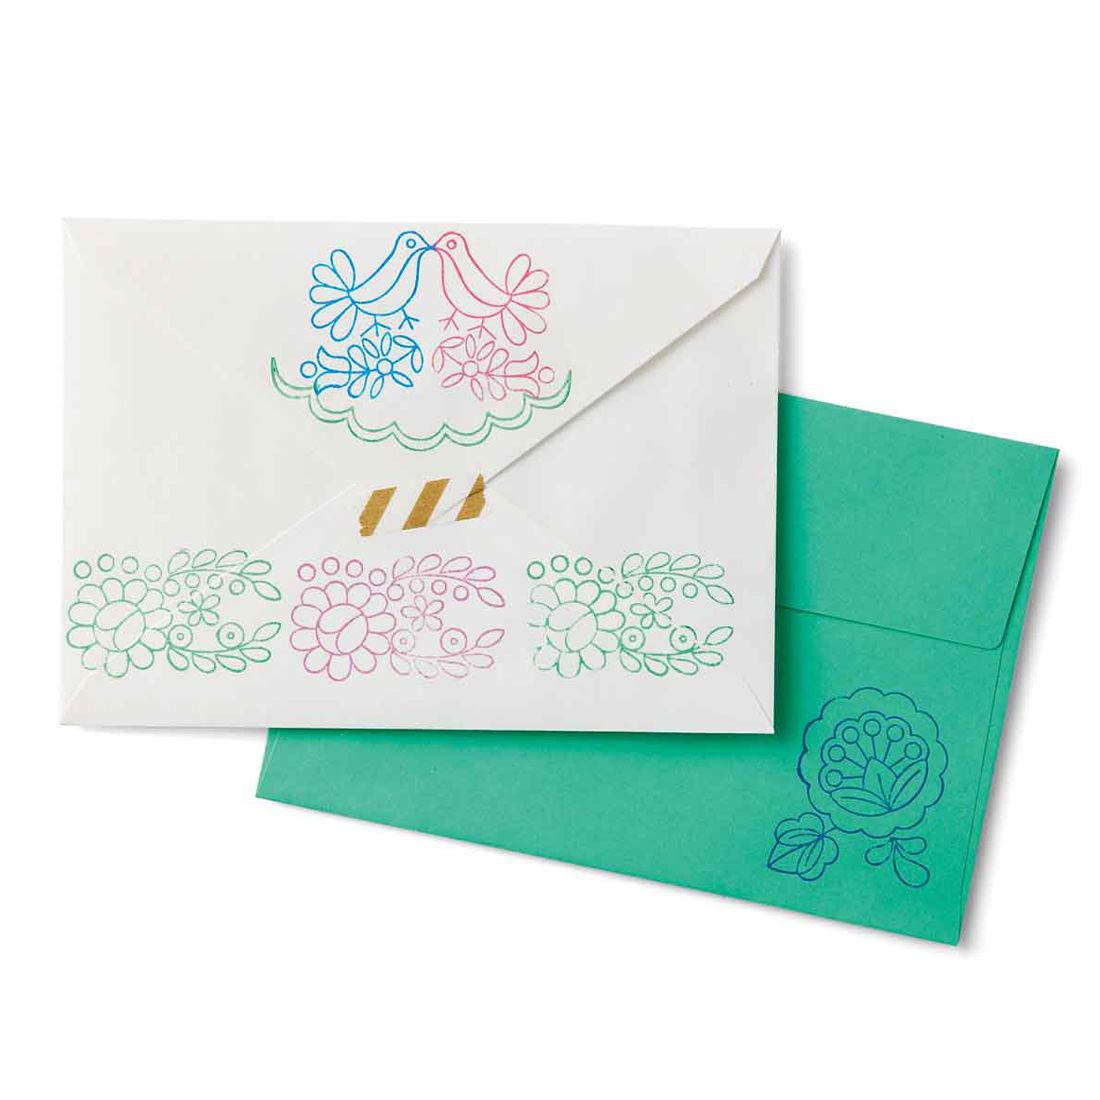 無地の封筒にポンと押すだけで、素朴な愛らしさが漂います。地色との組み合わせも楽しんで。